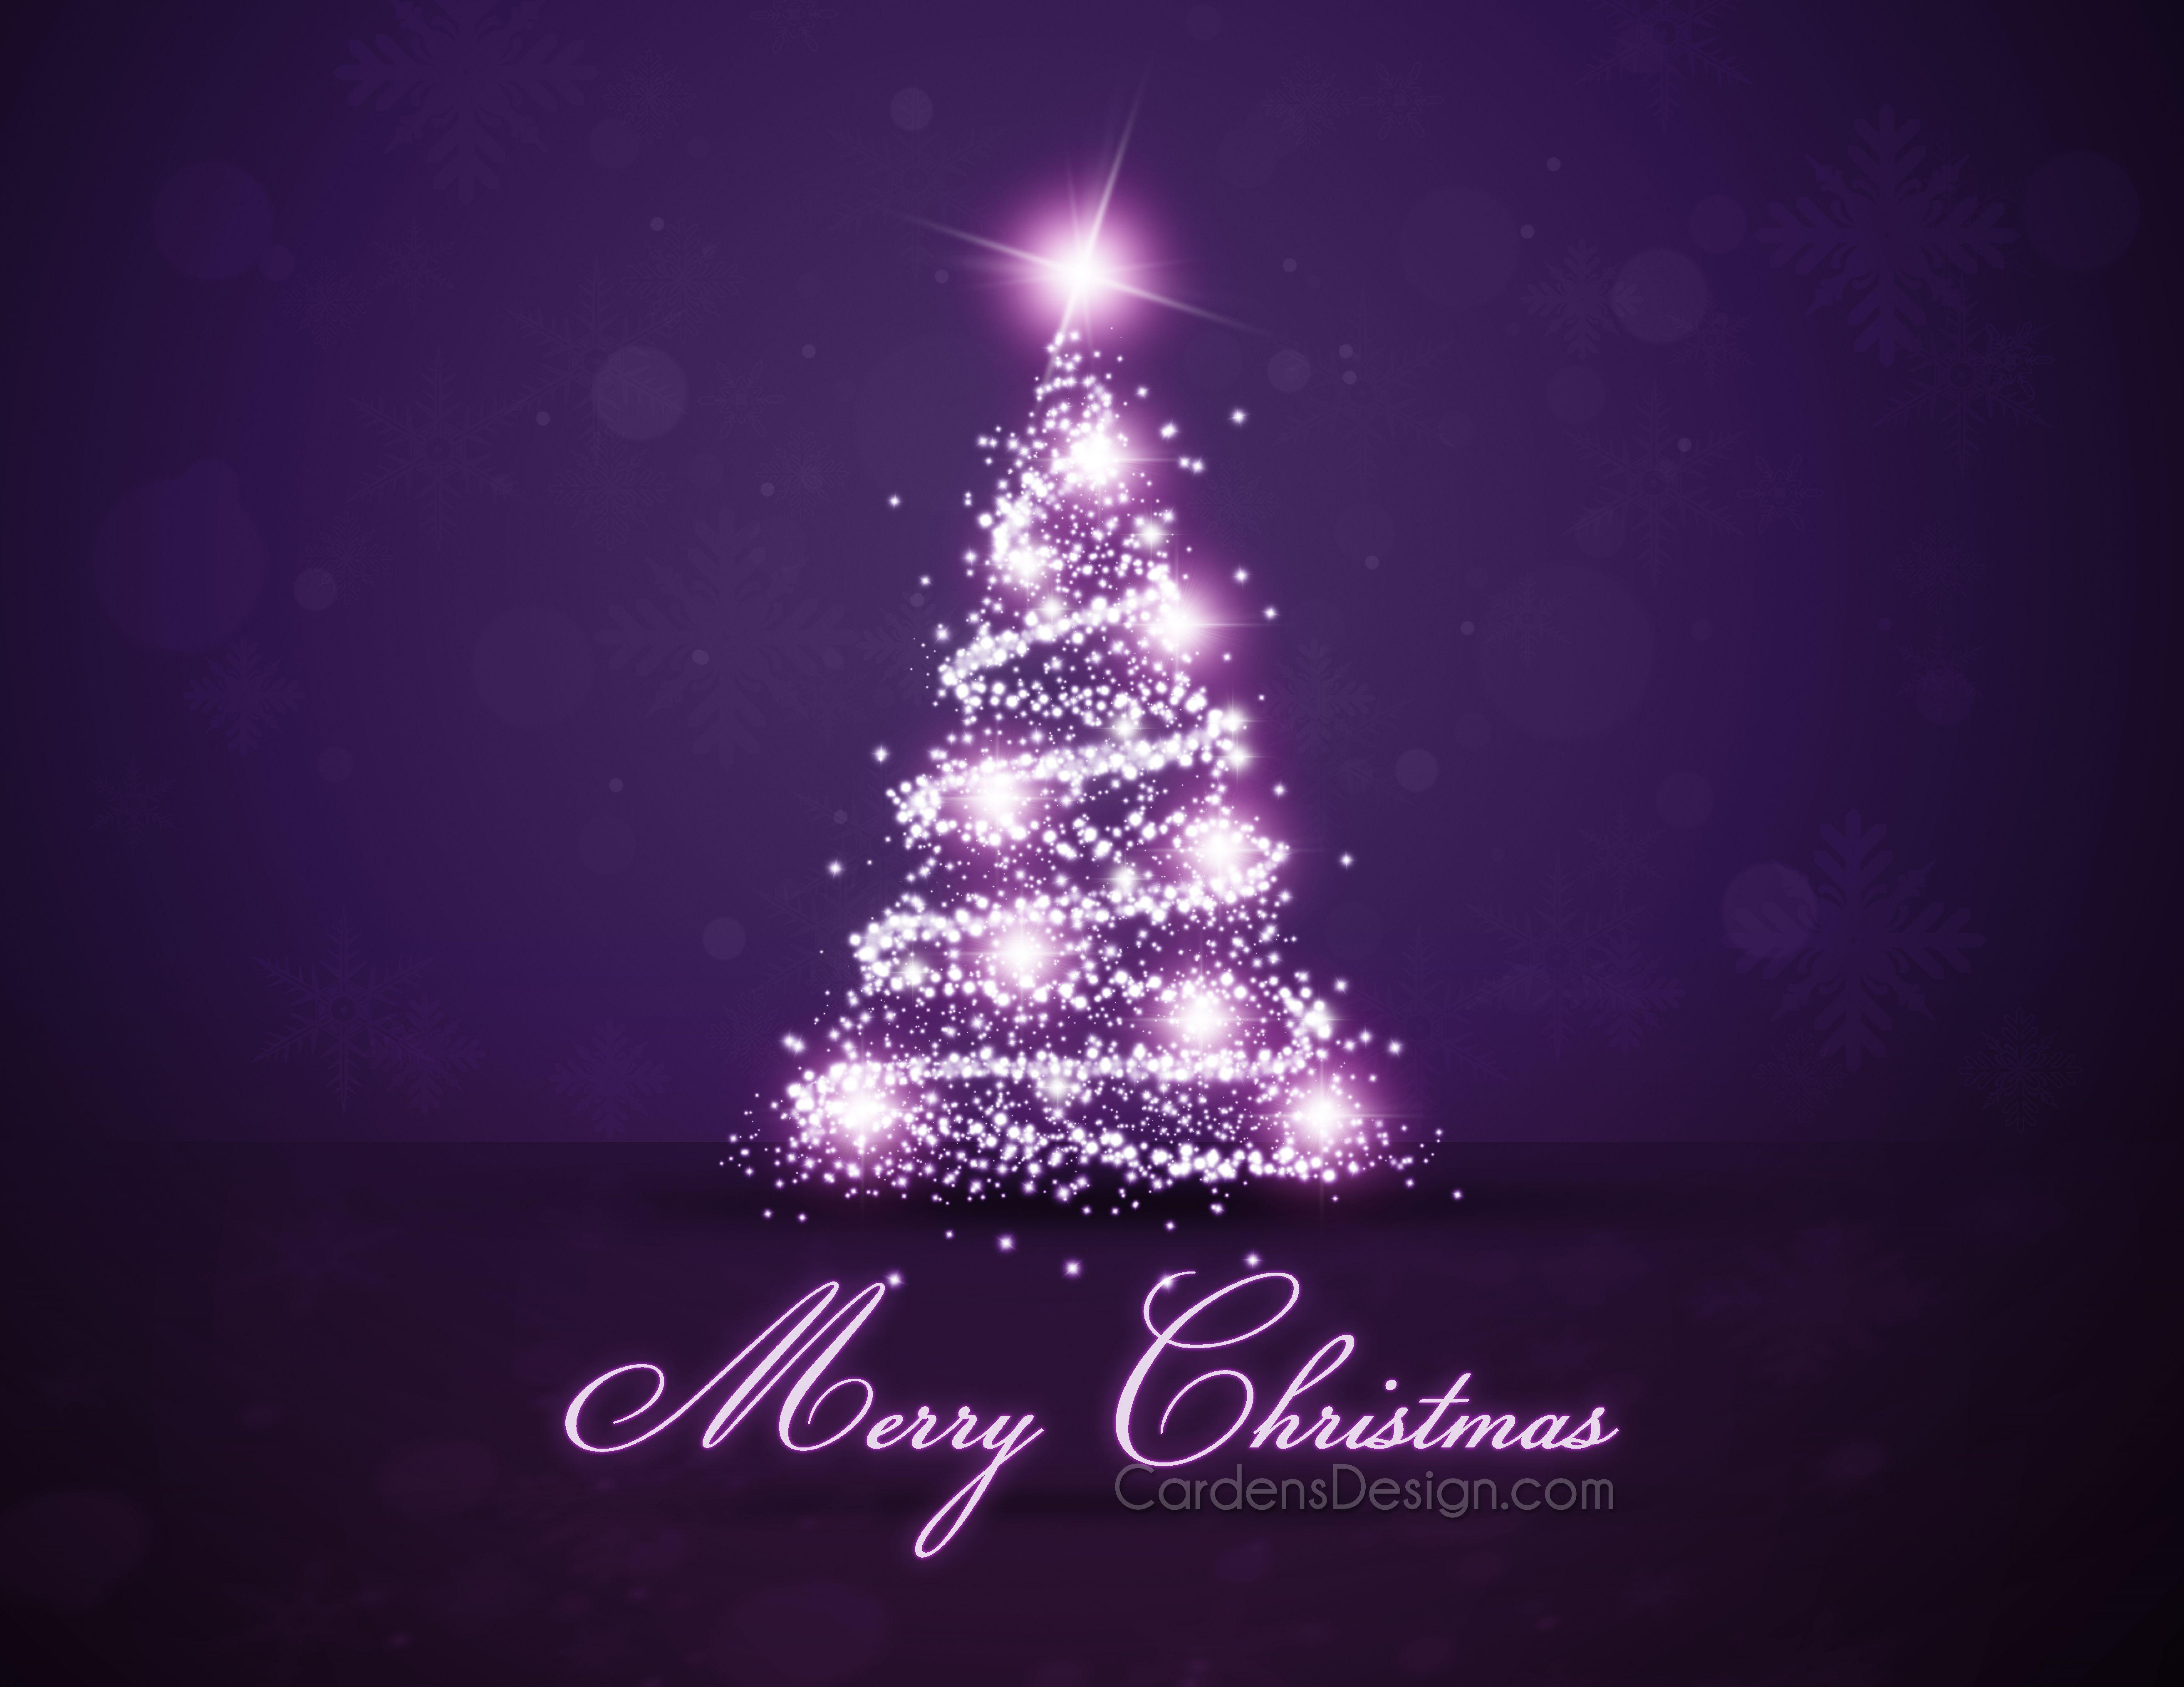 Christmas trees decorated purple - Great Christmas Card Purple Treespurple